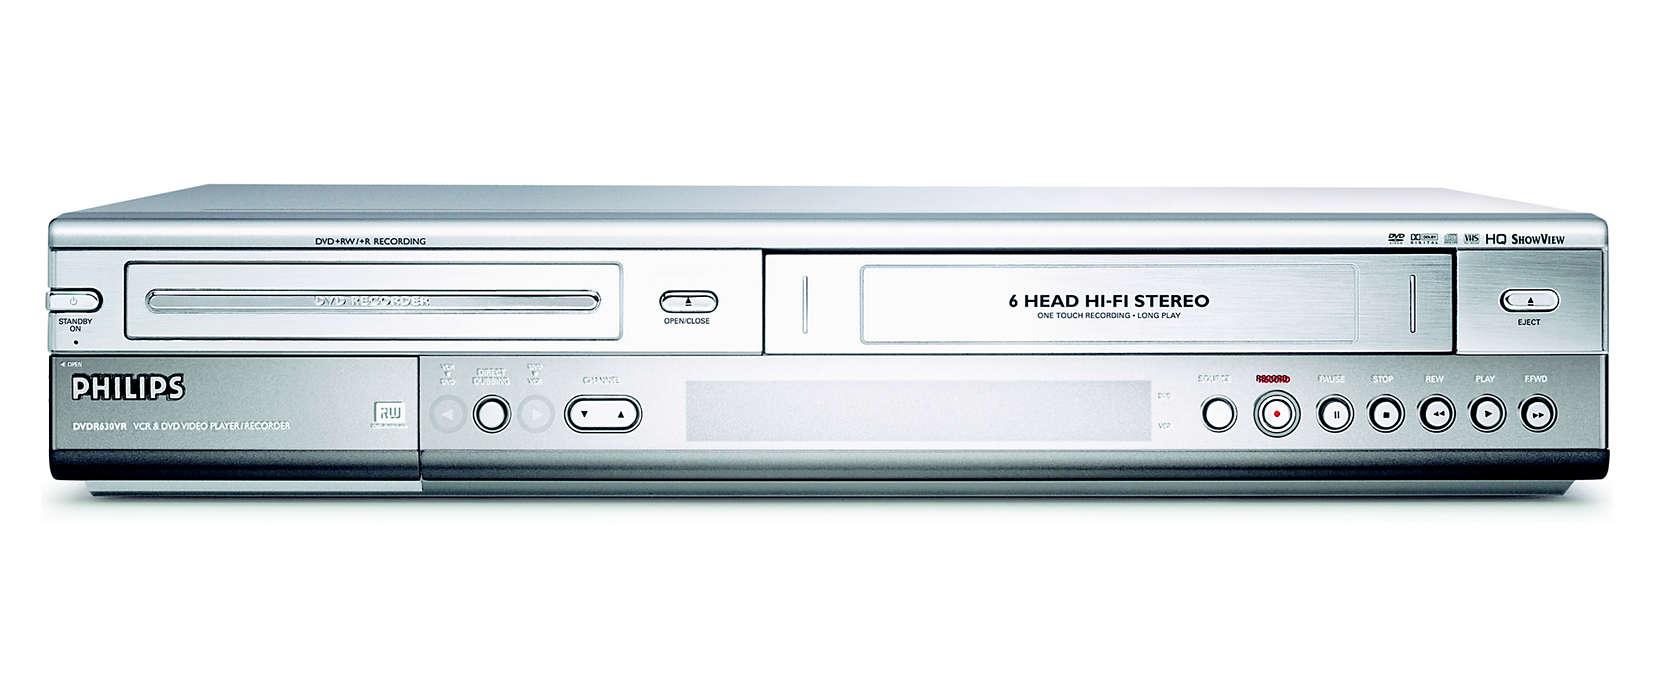 Κρατήστε τις κασέτες VHS σε DVD για πάντα